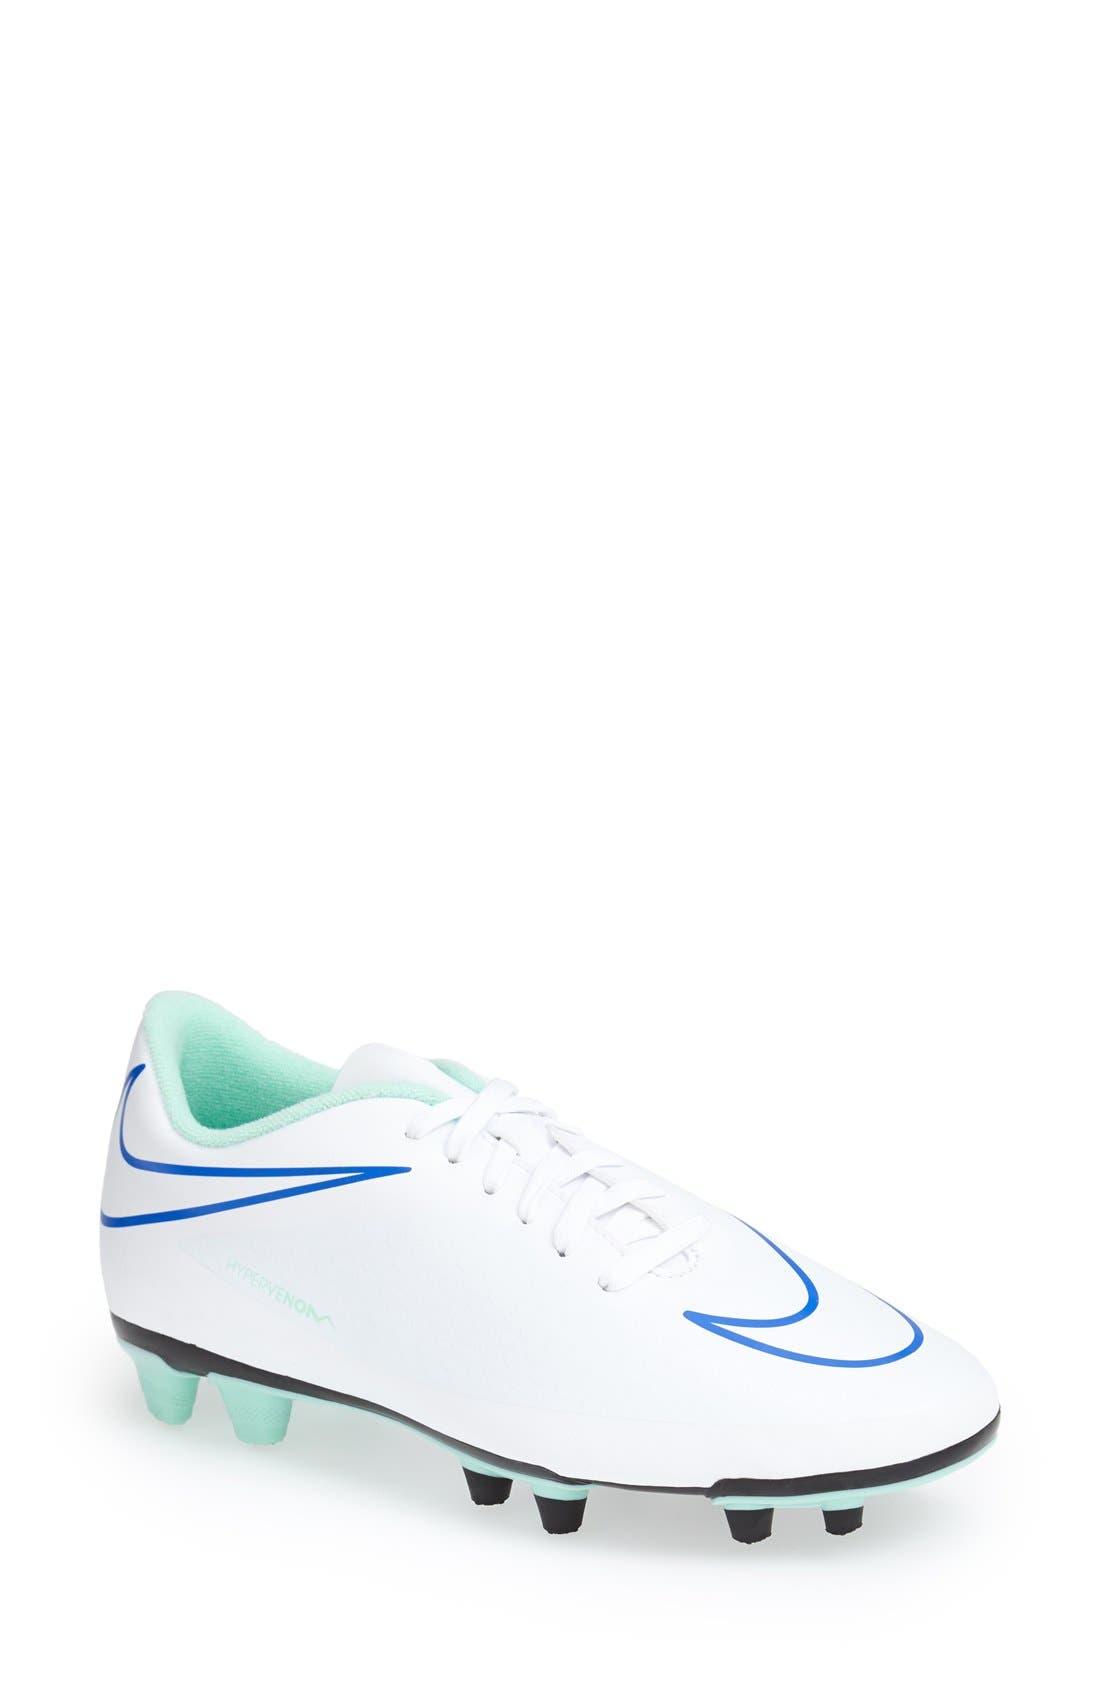 Alternate Image 1 Selected - Nike 'Hypervenom Phade' Firm Ground Soccer Cleat (Women)